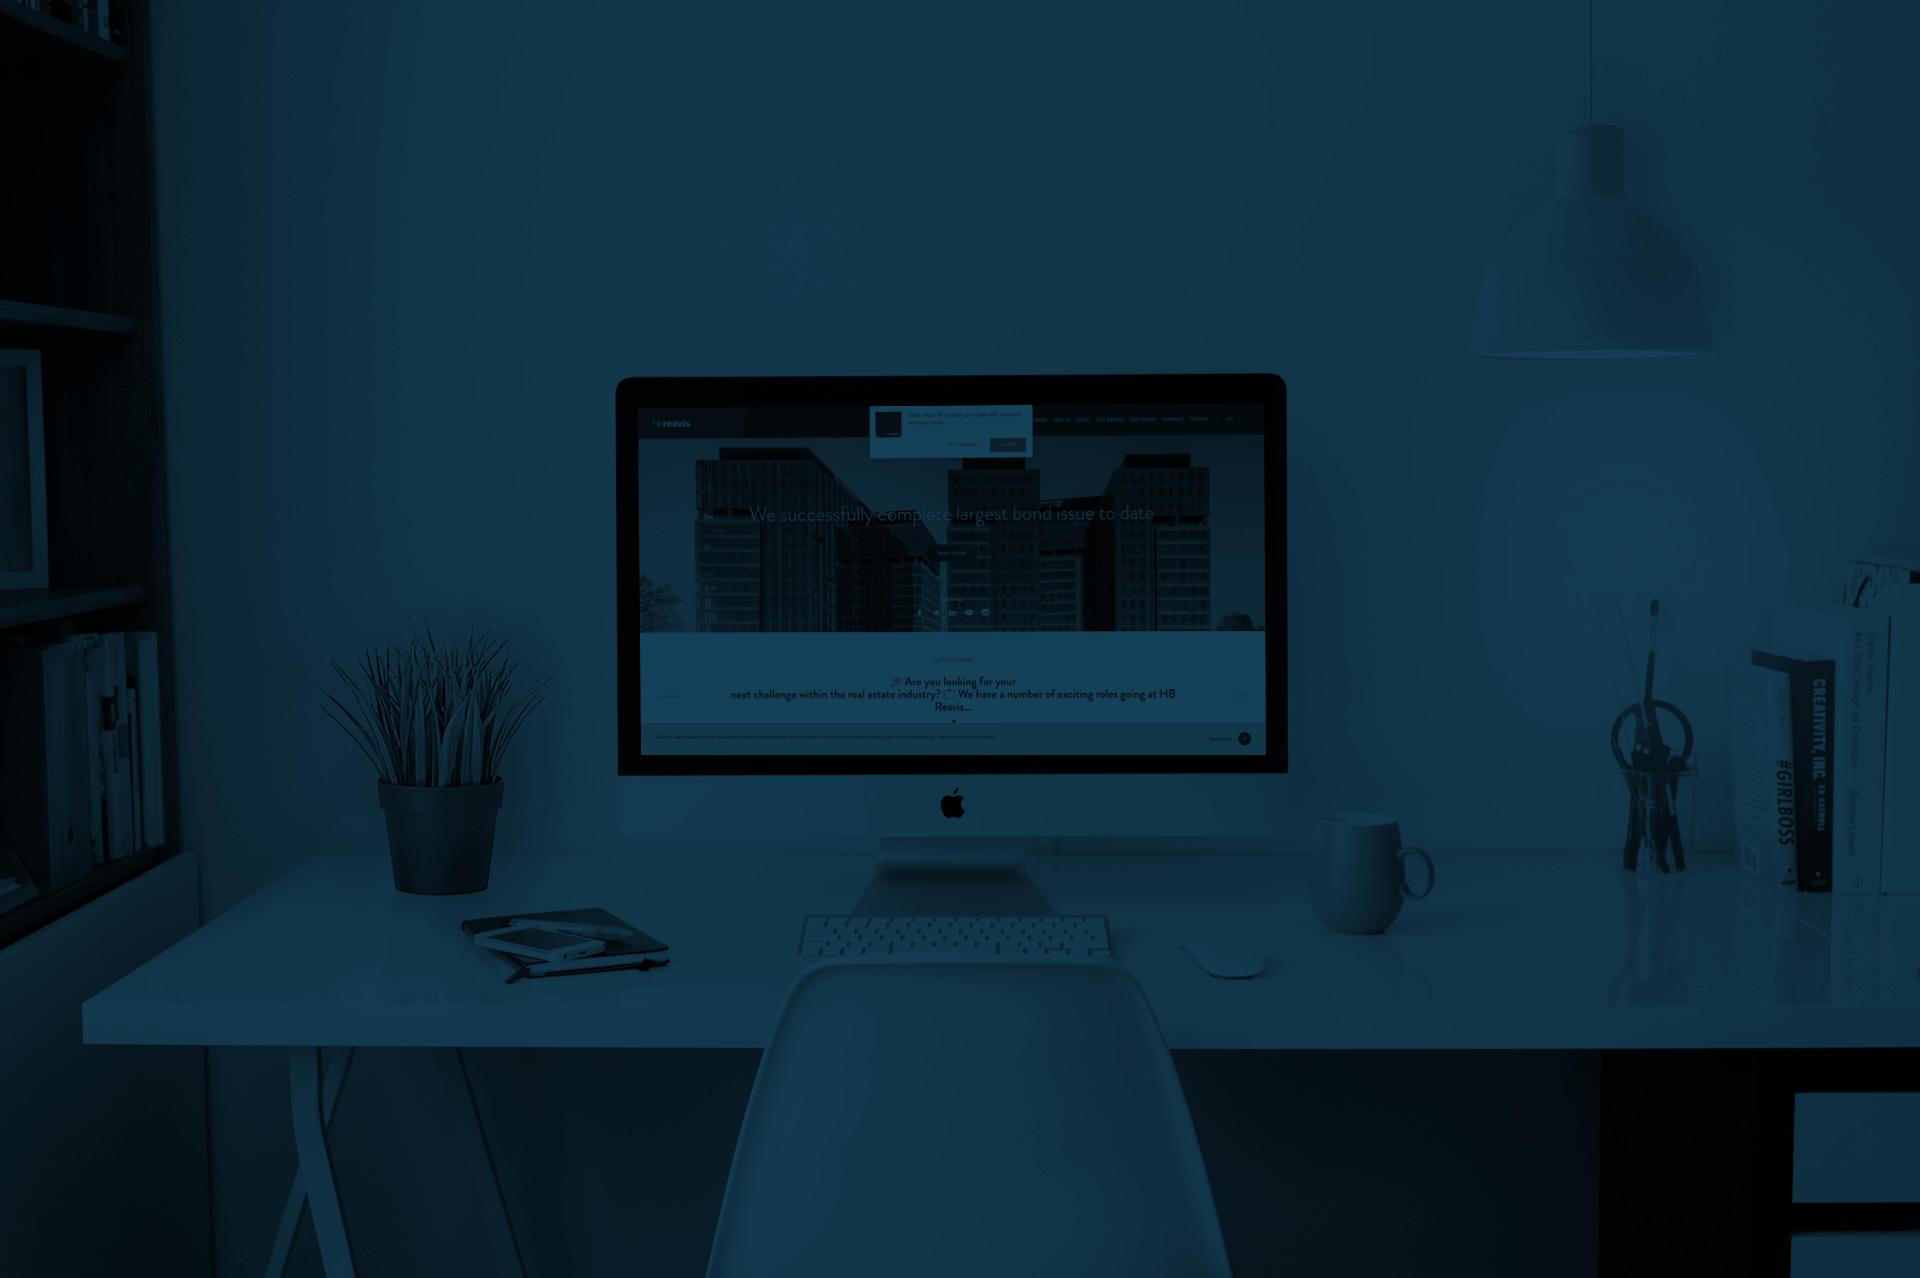 Programovanie webstranky hbreavis.com